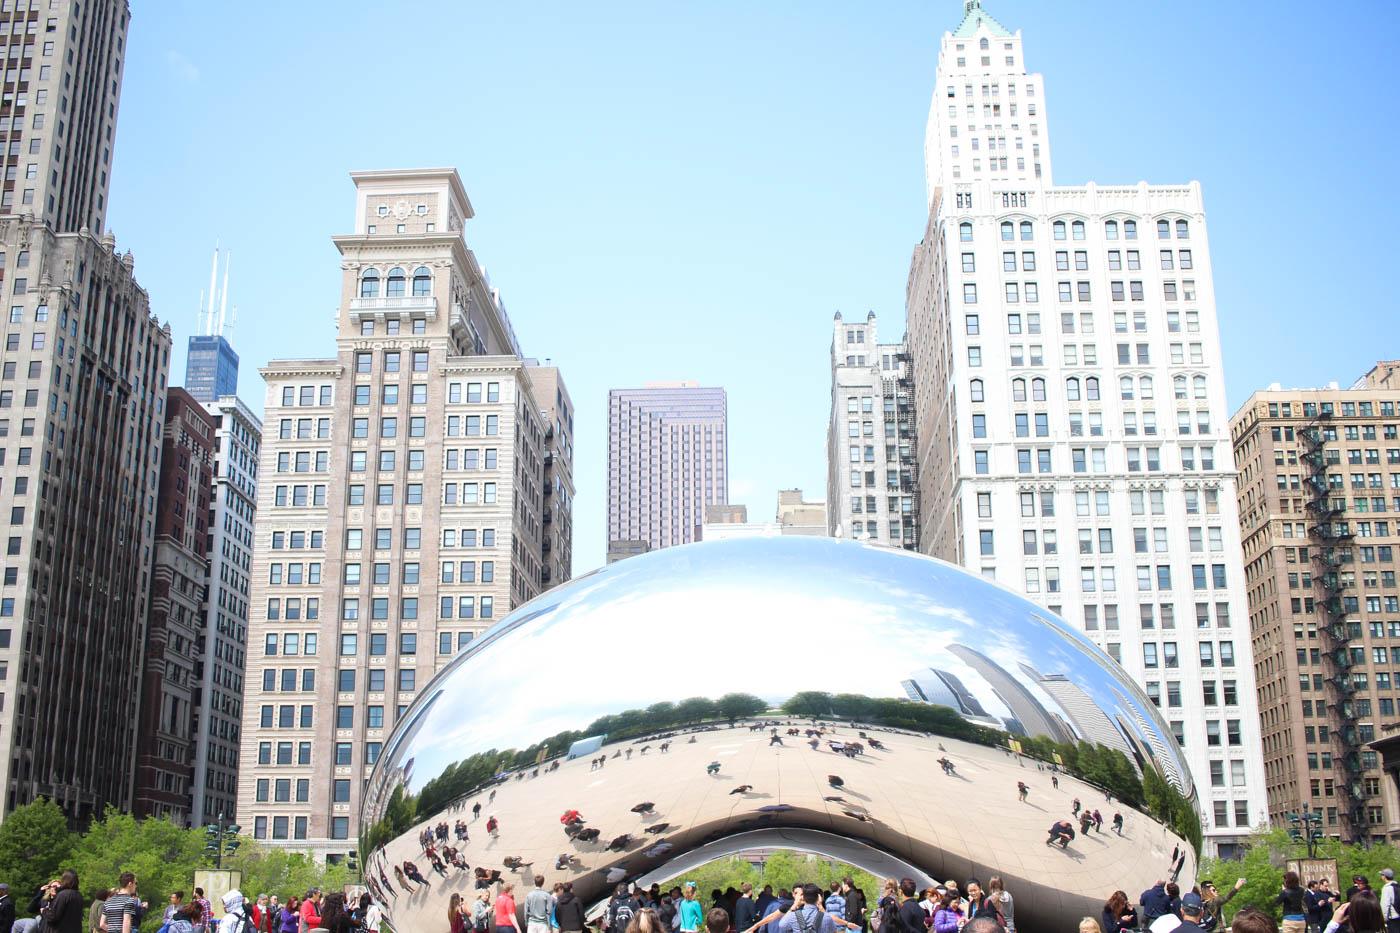 Three days in Chicago